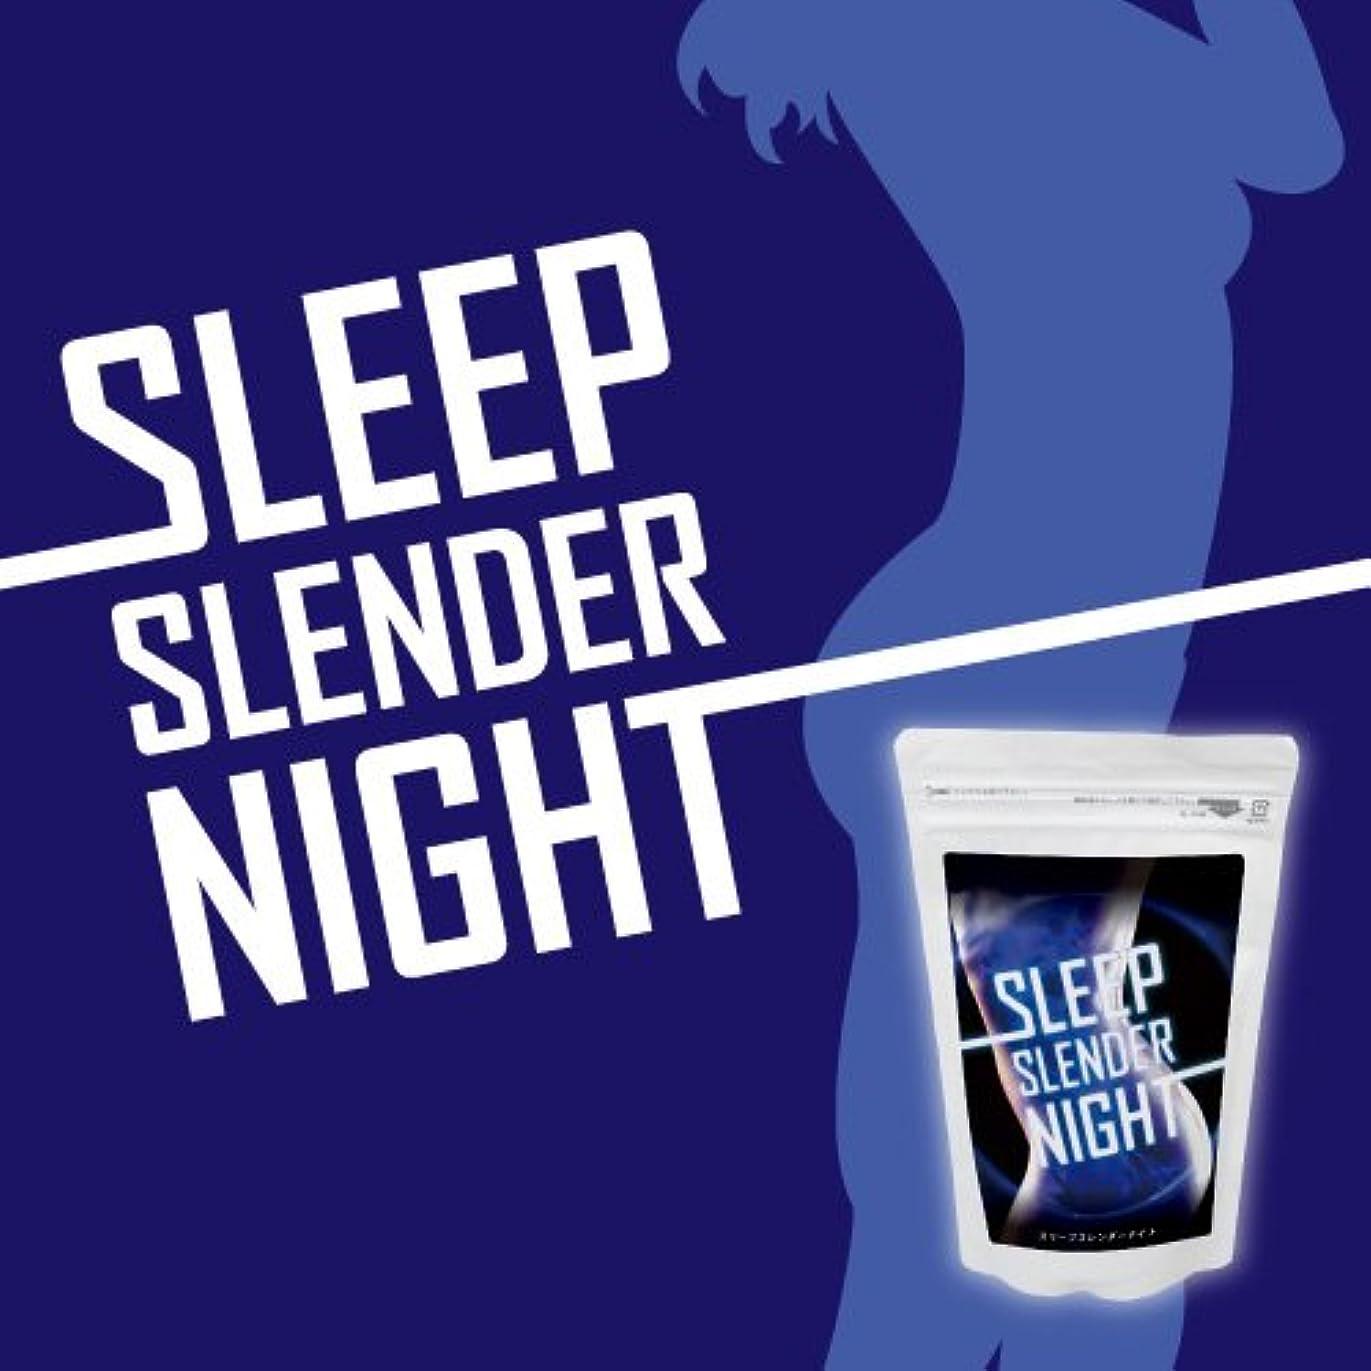 苦しみ被る集めるSleep Slender Night(スリープスレンダーナイト) ダイエット ダイエットサプリ 送料無料